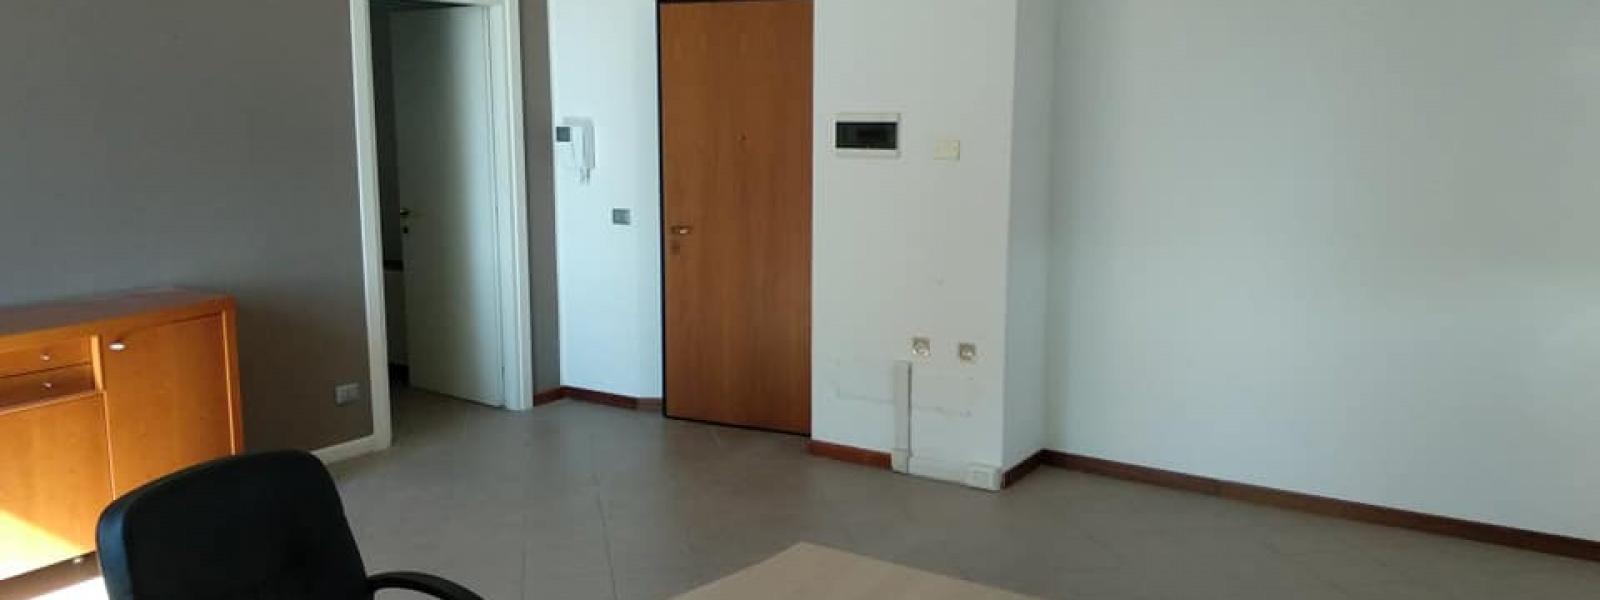 3 Stanze Stanze,1 BagnoBagni,Ufficio,2,1579